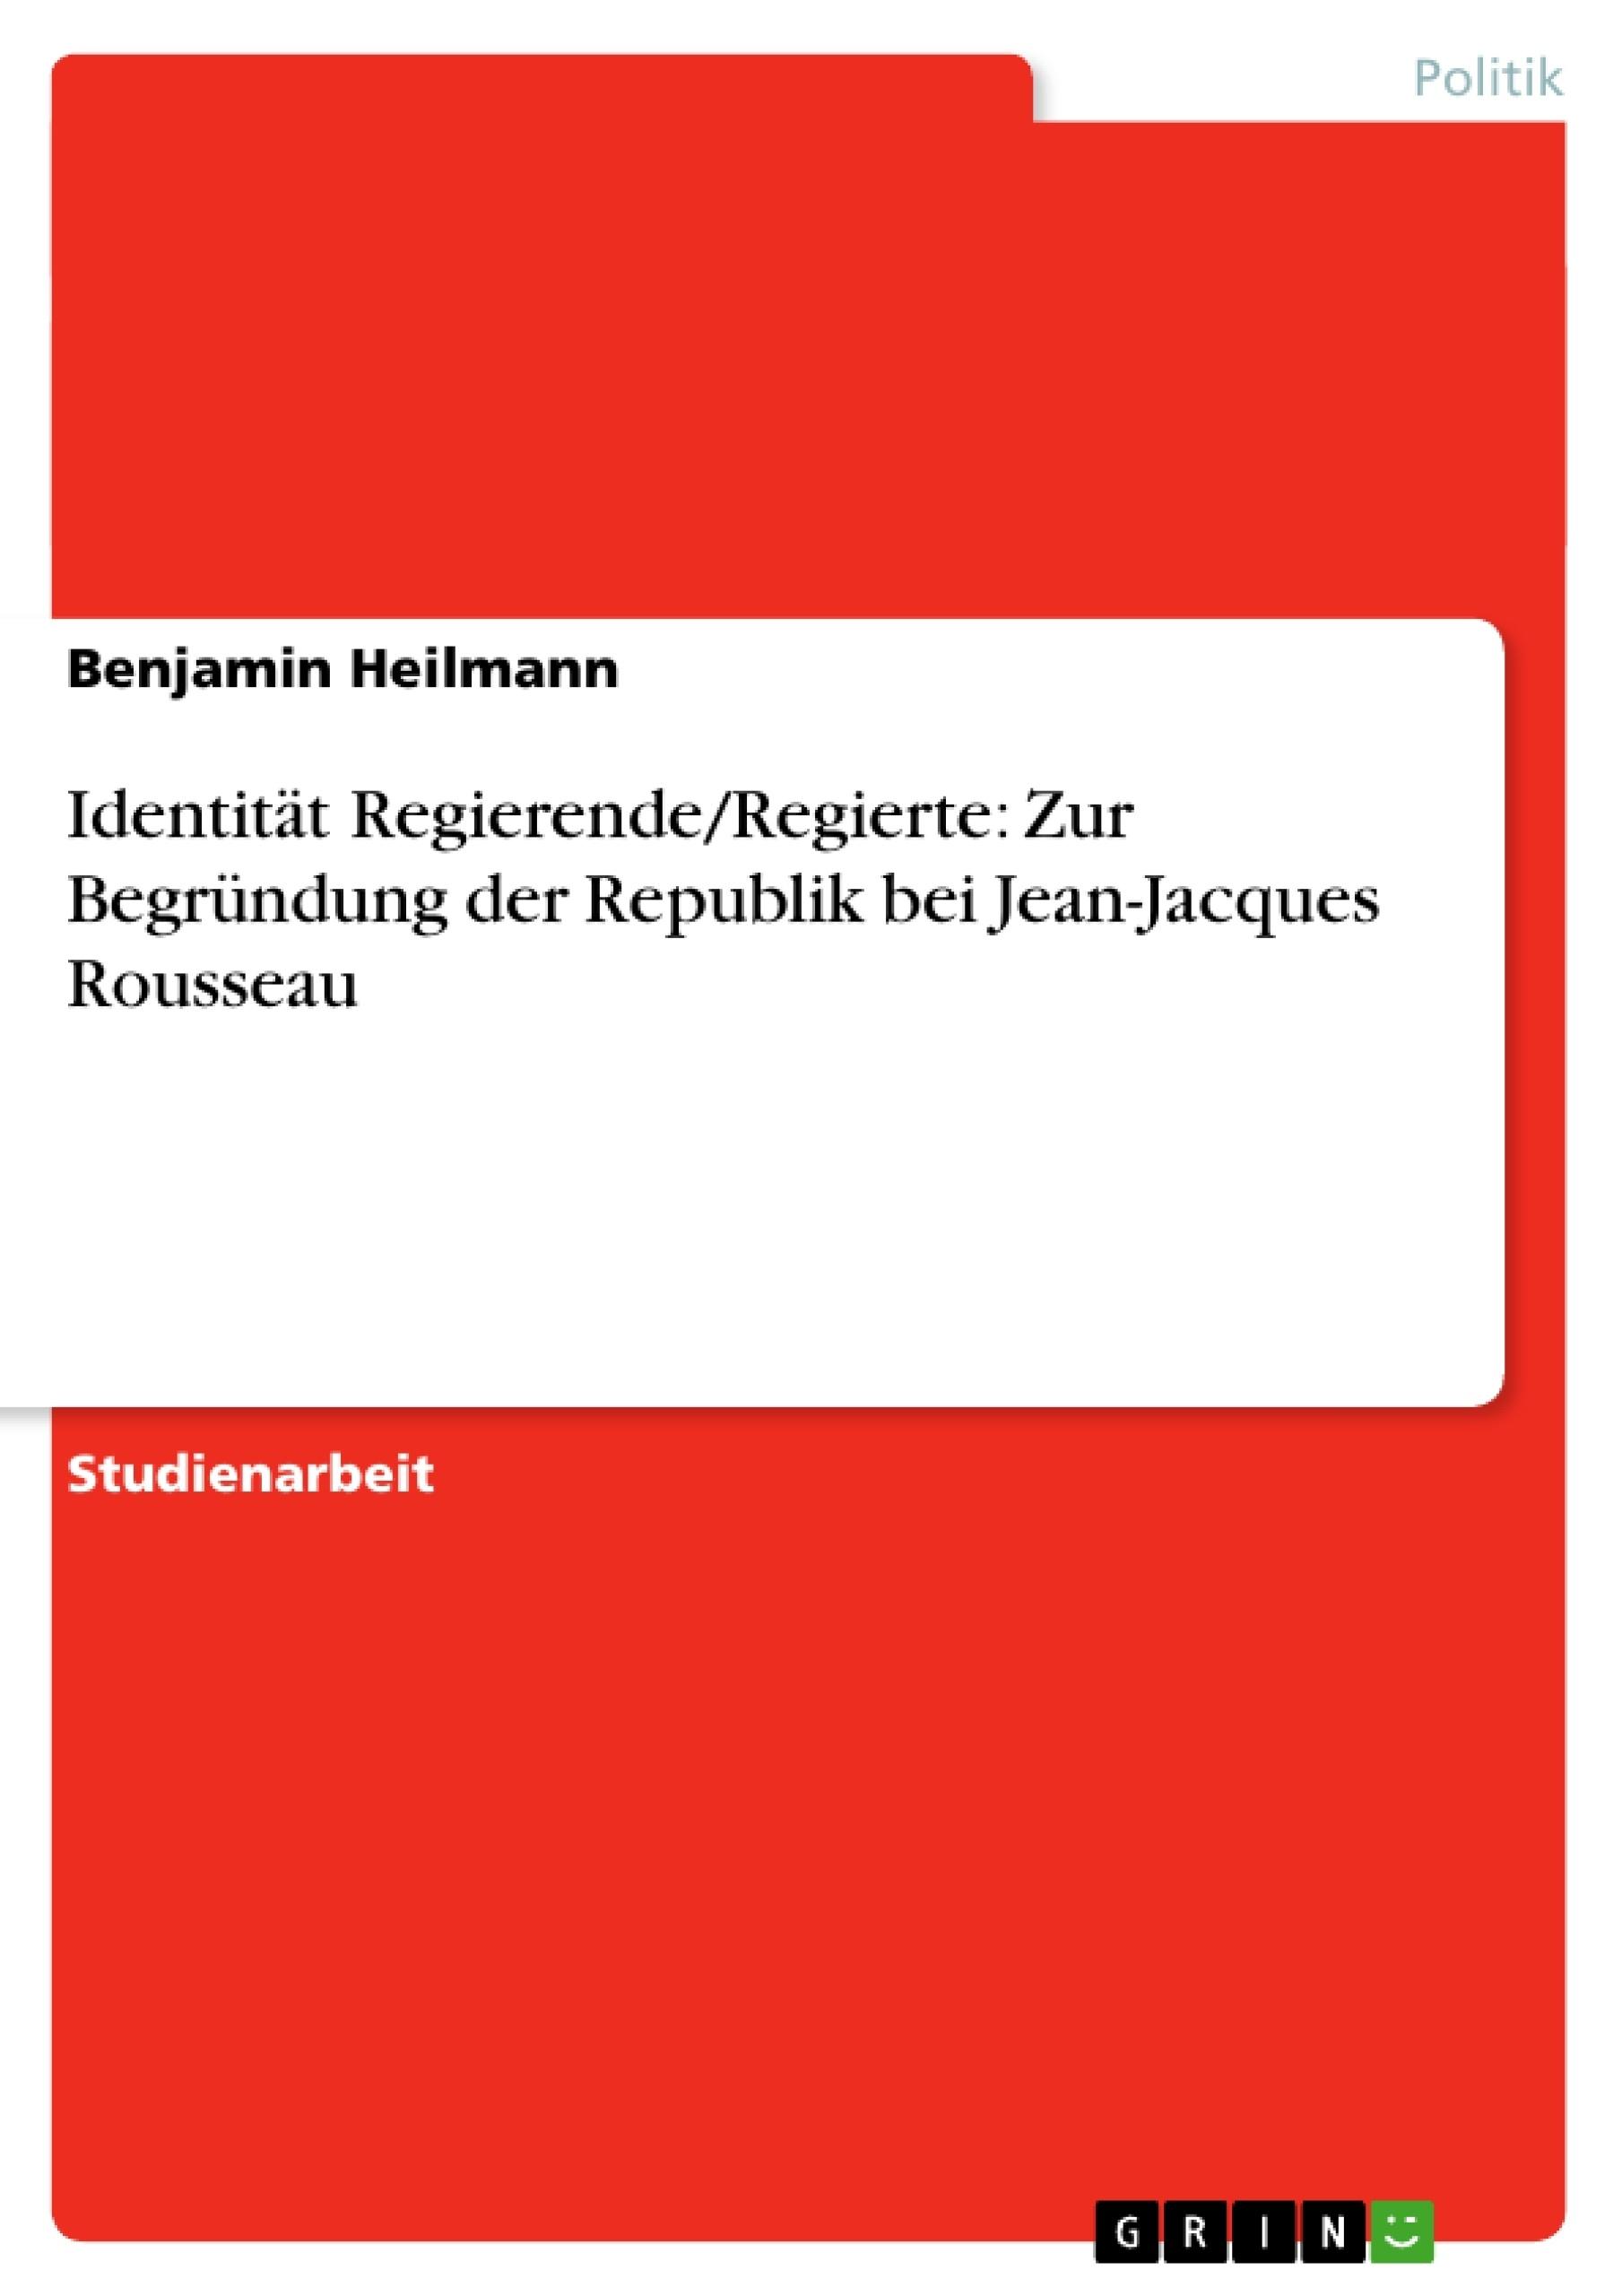 Titel: Identität Regierende/Regierte: Zur Begründung der Republik bei Jean-Jacques Rousseau